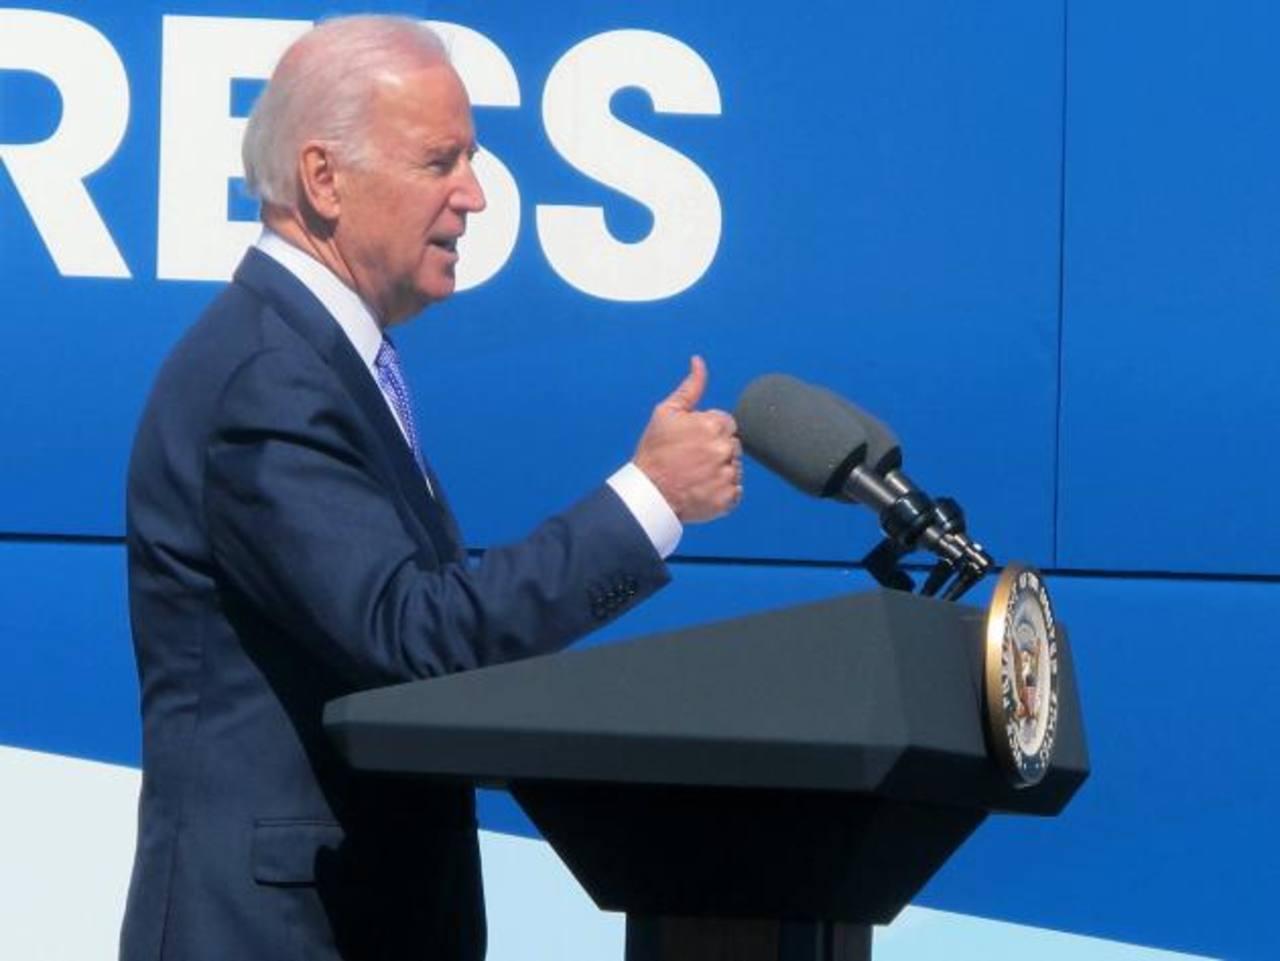 El vicepresidente de EE.UU. se reunirá con presidentes centroamericanos